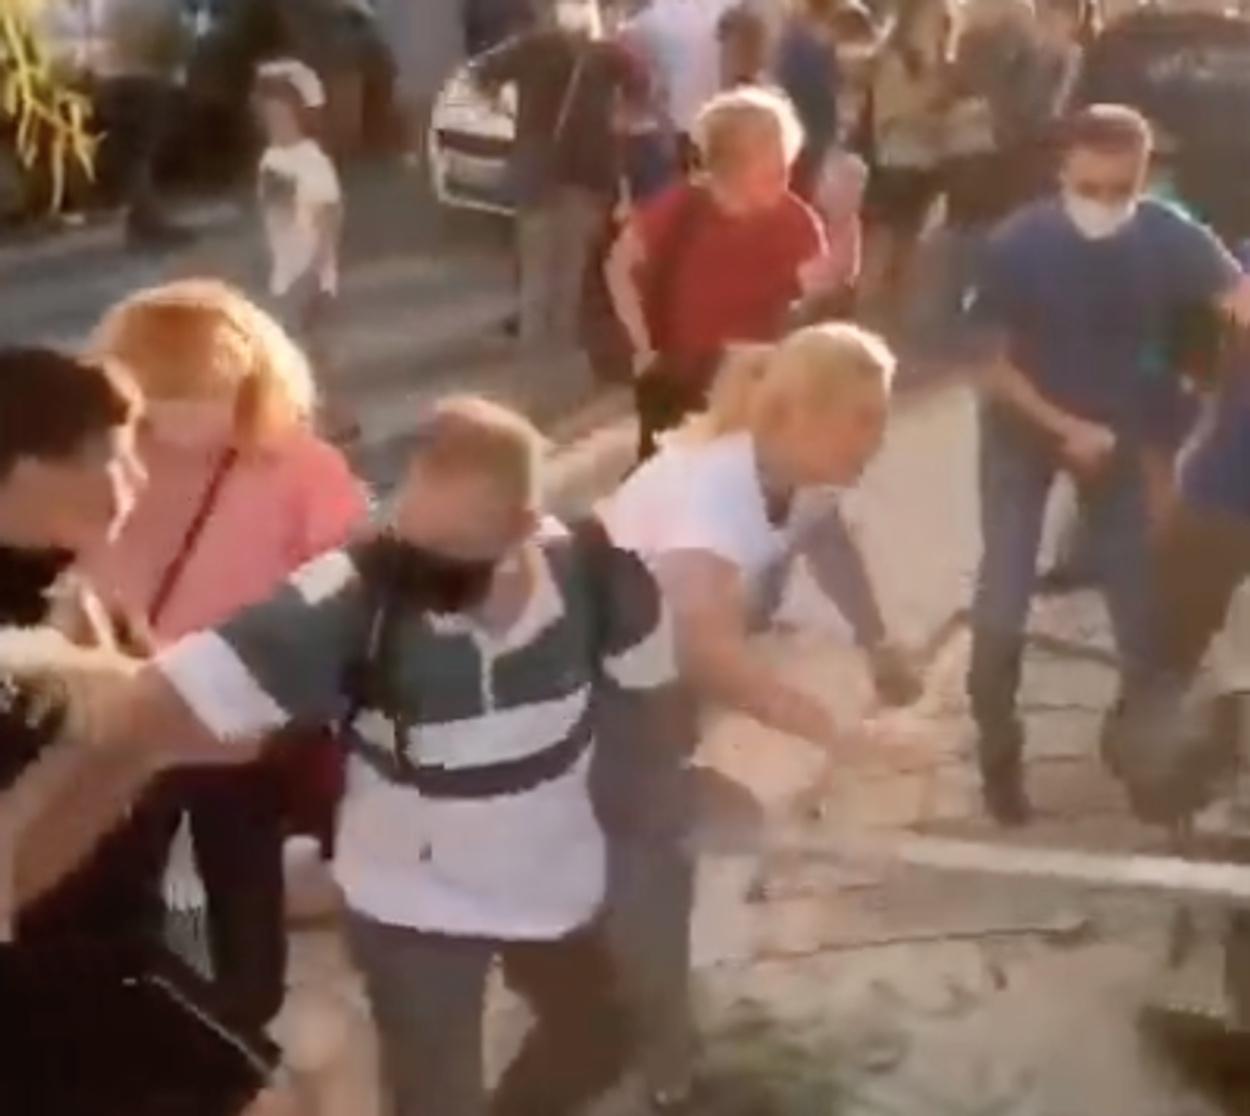 Απίστευτες εικόνες με γονείς να προσπαθούν να σπάσουν κατάληψη σε σχολείο στον Άλιμο (video)